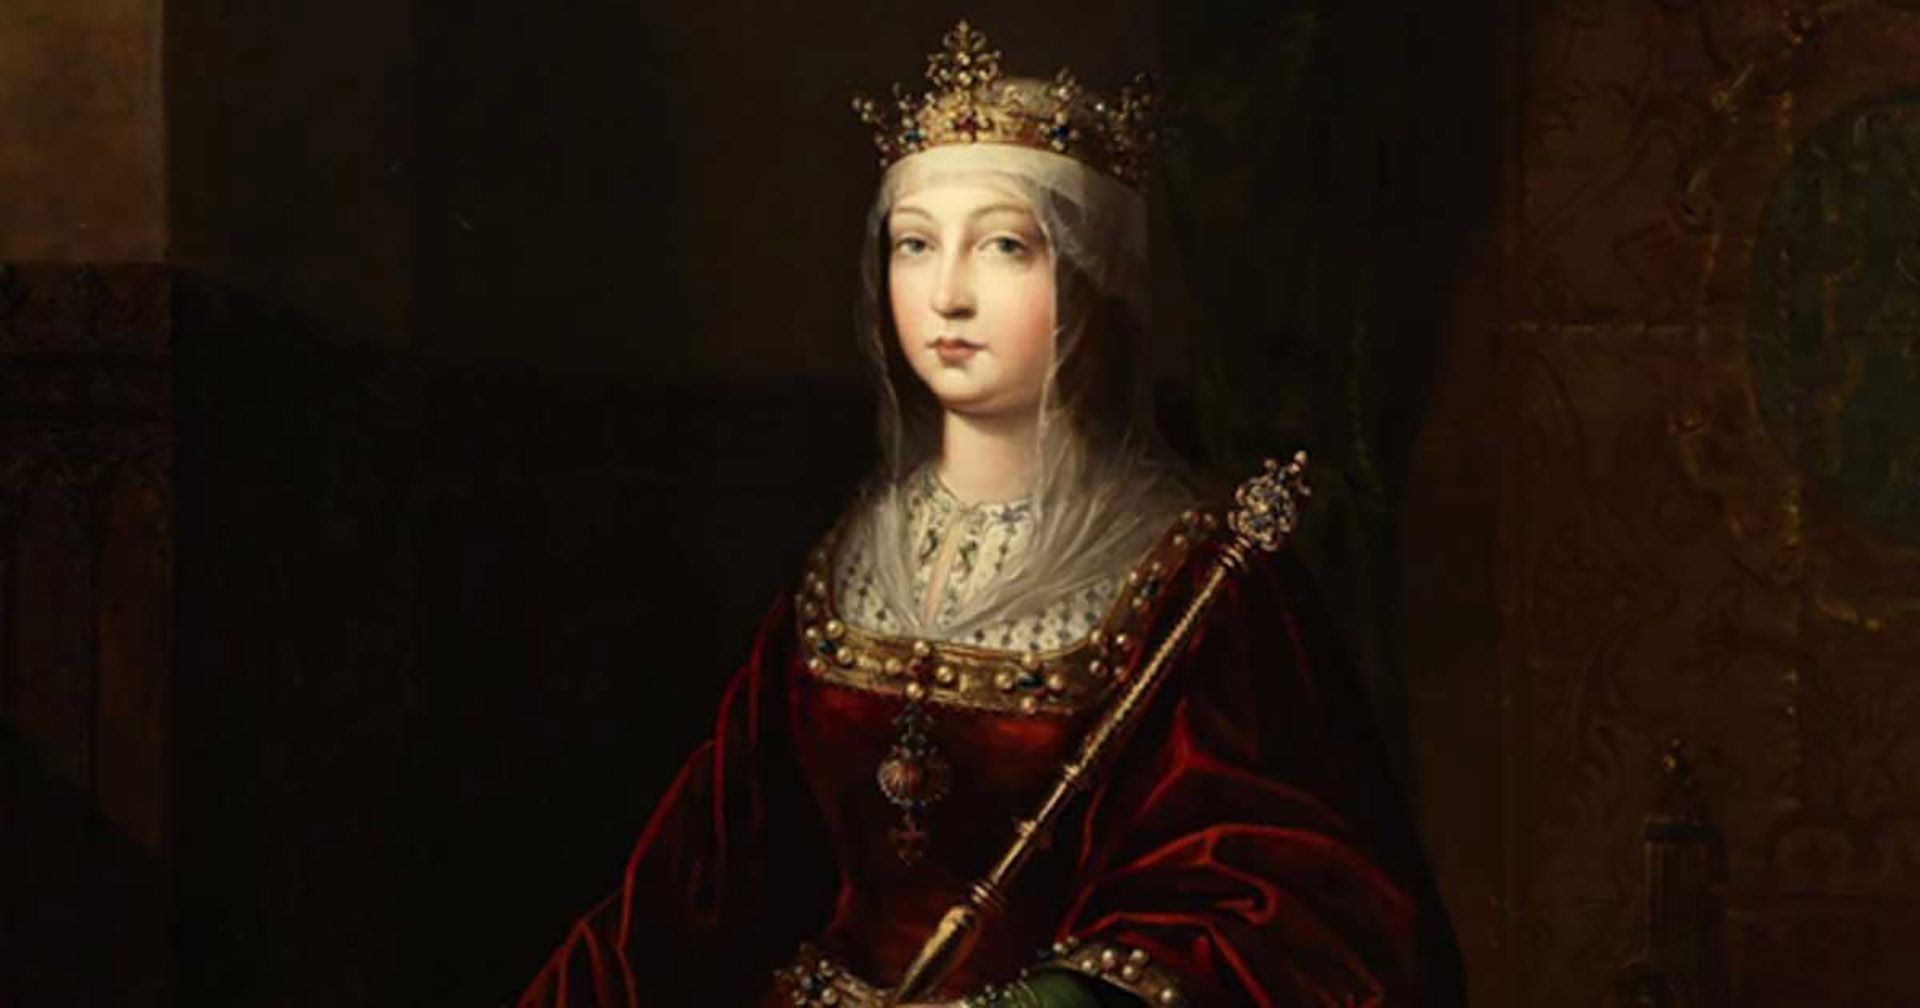 Isabel I de Castilla, que pasó a la historia como Isabel la Católica, abuela de Carlos I de España